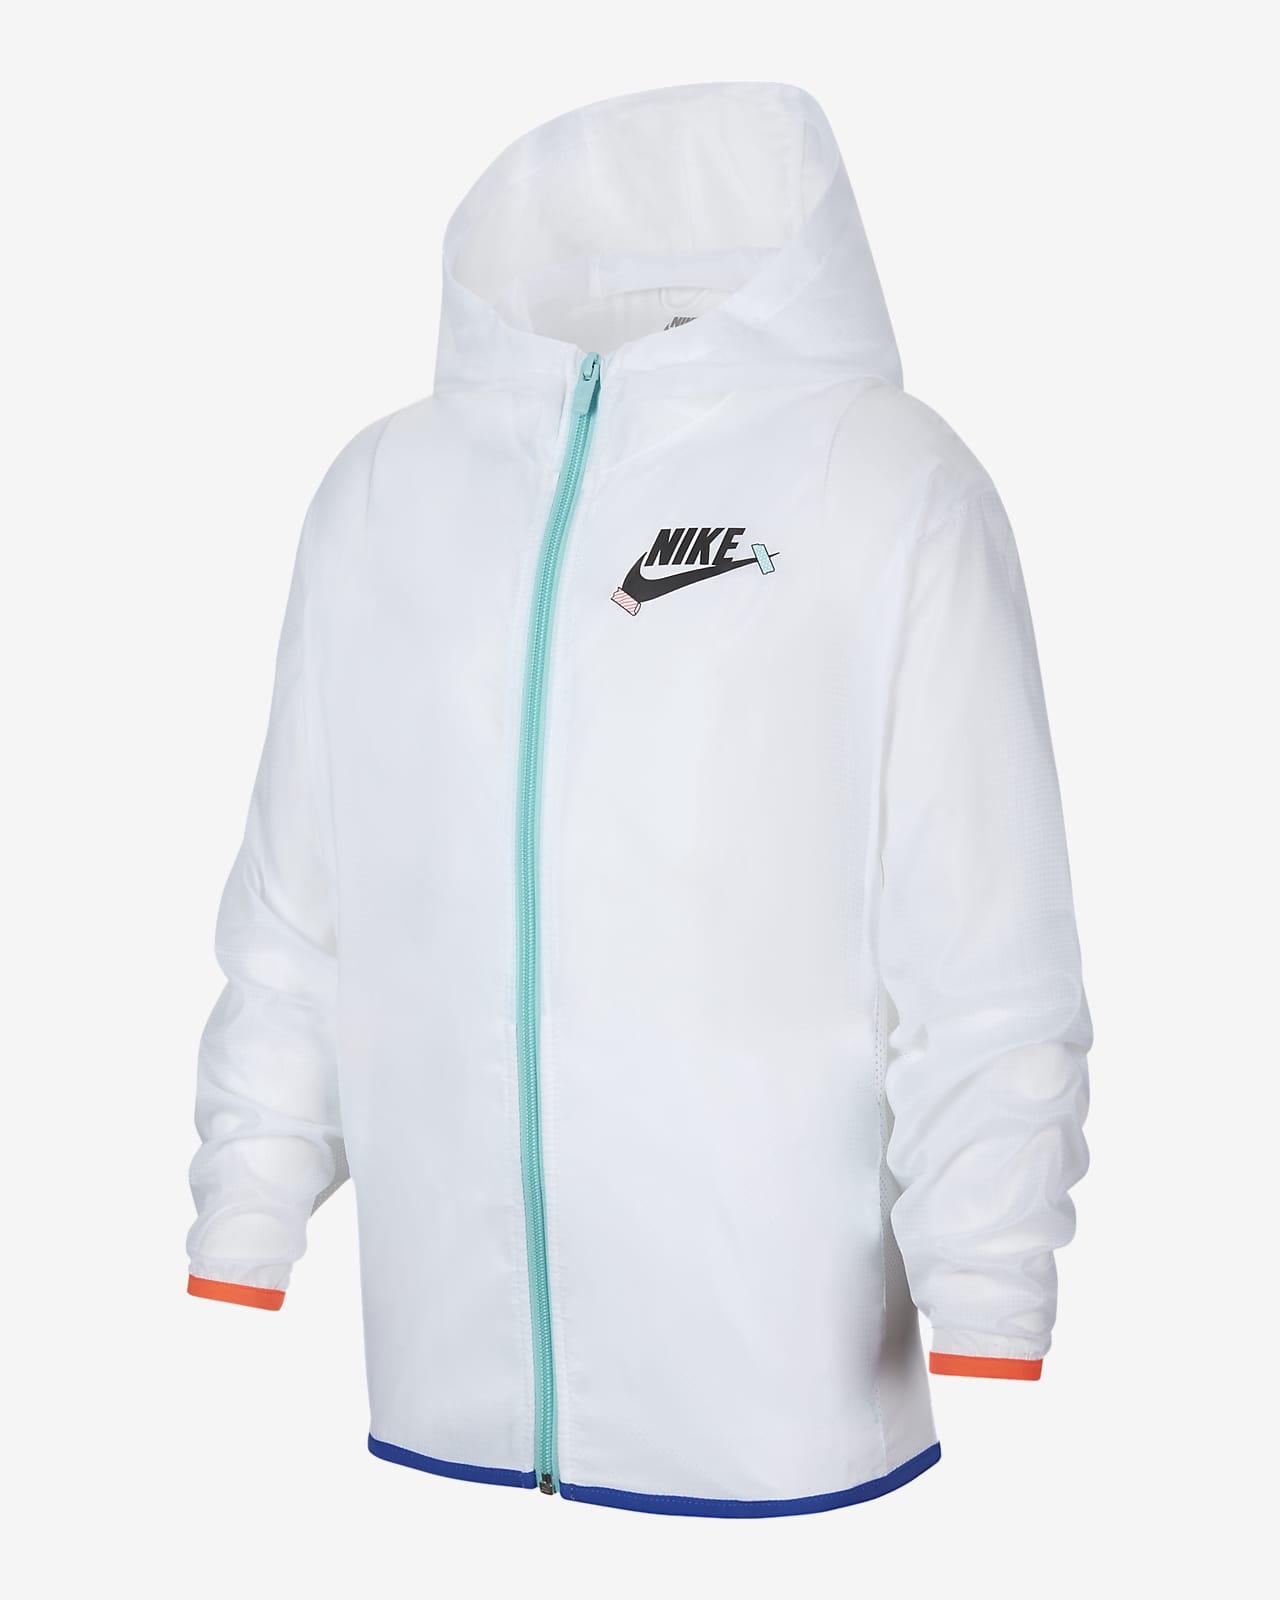 Nike Sportswear Packable 大童(男孩)夹克